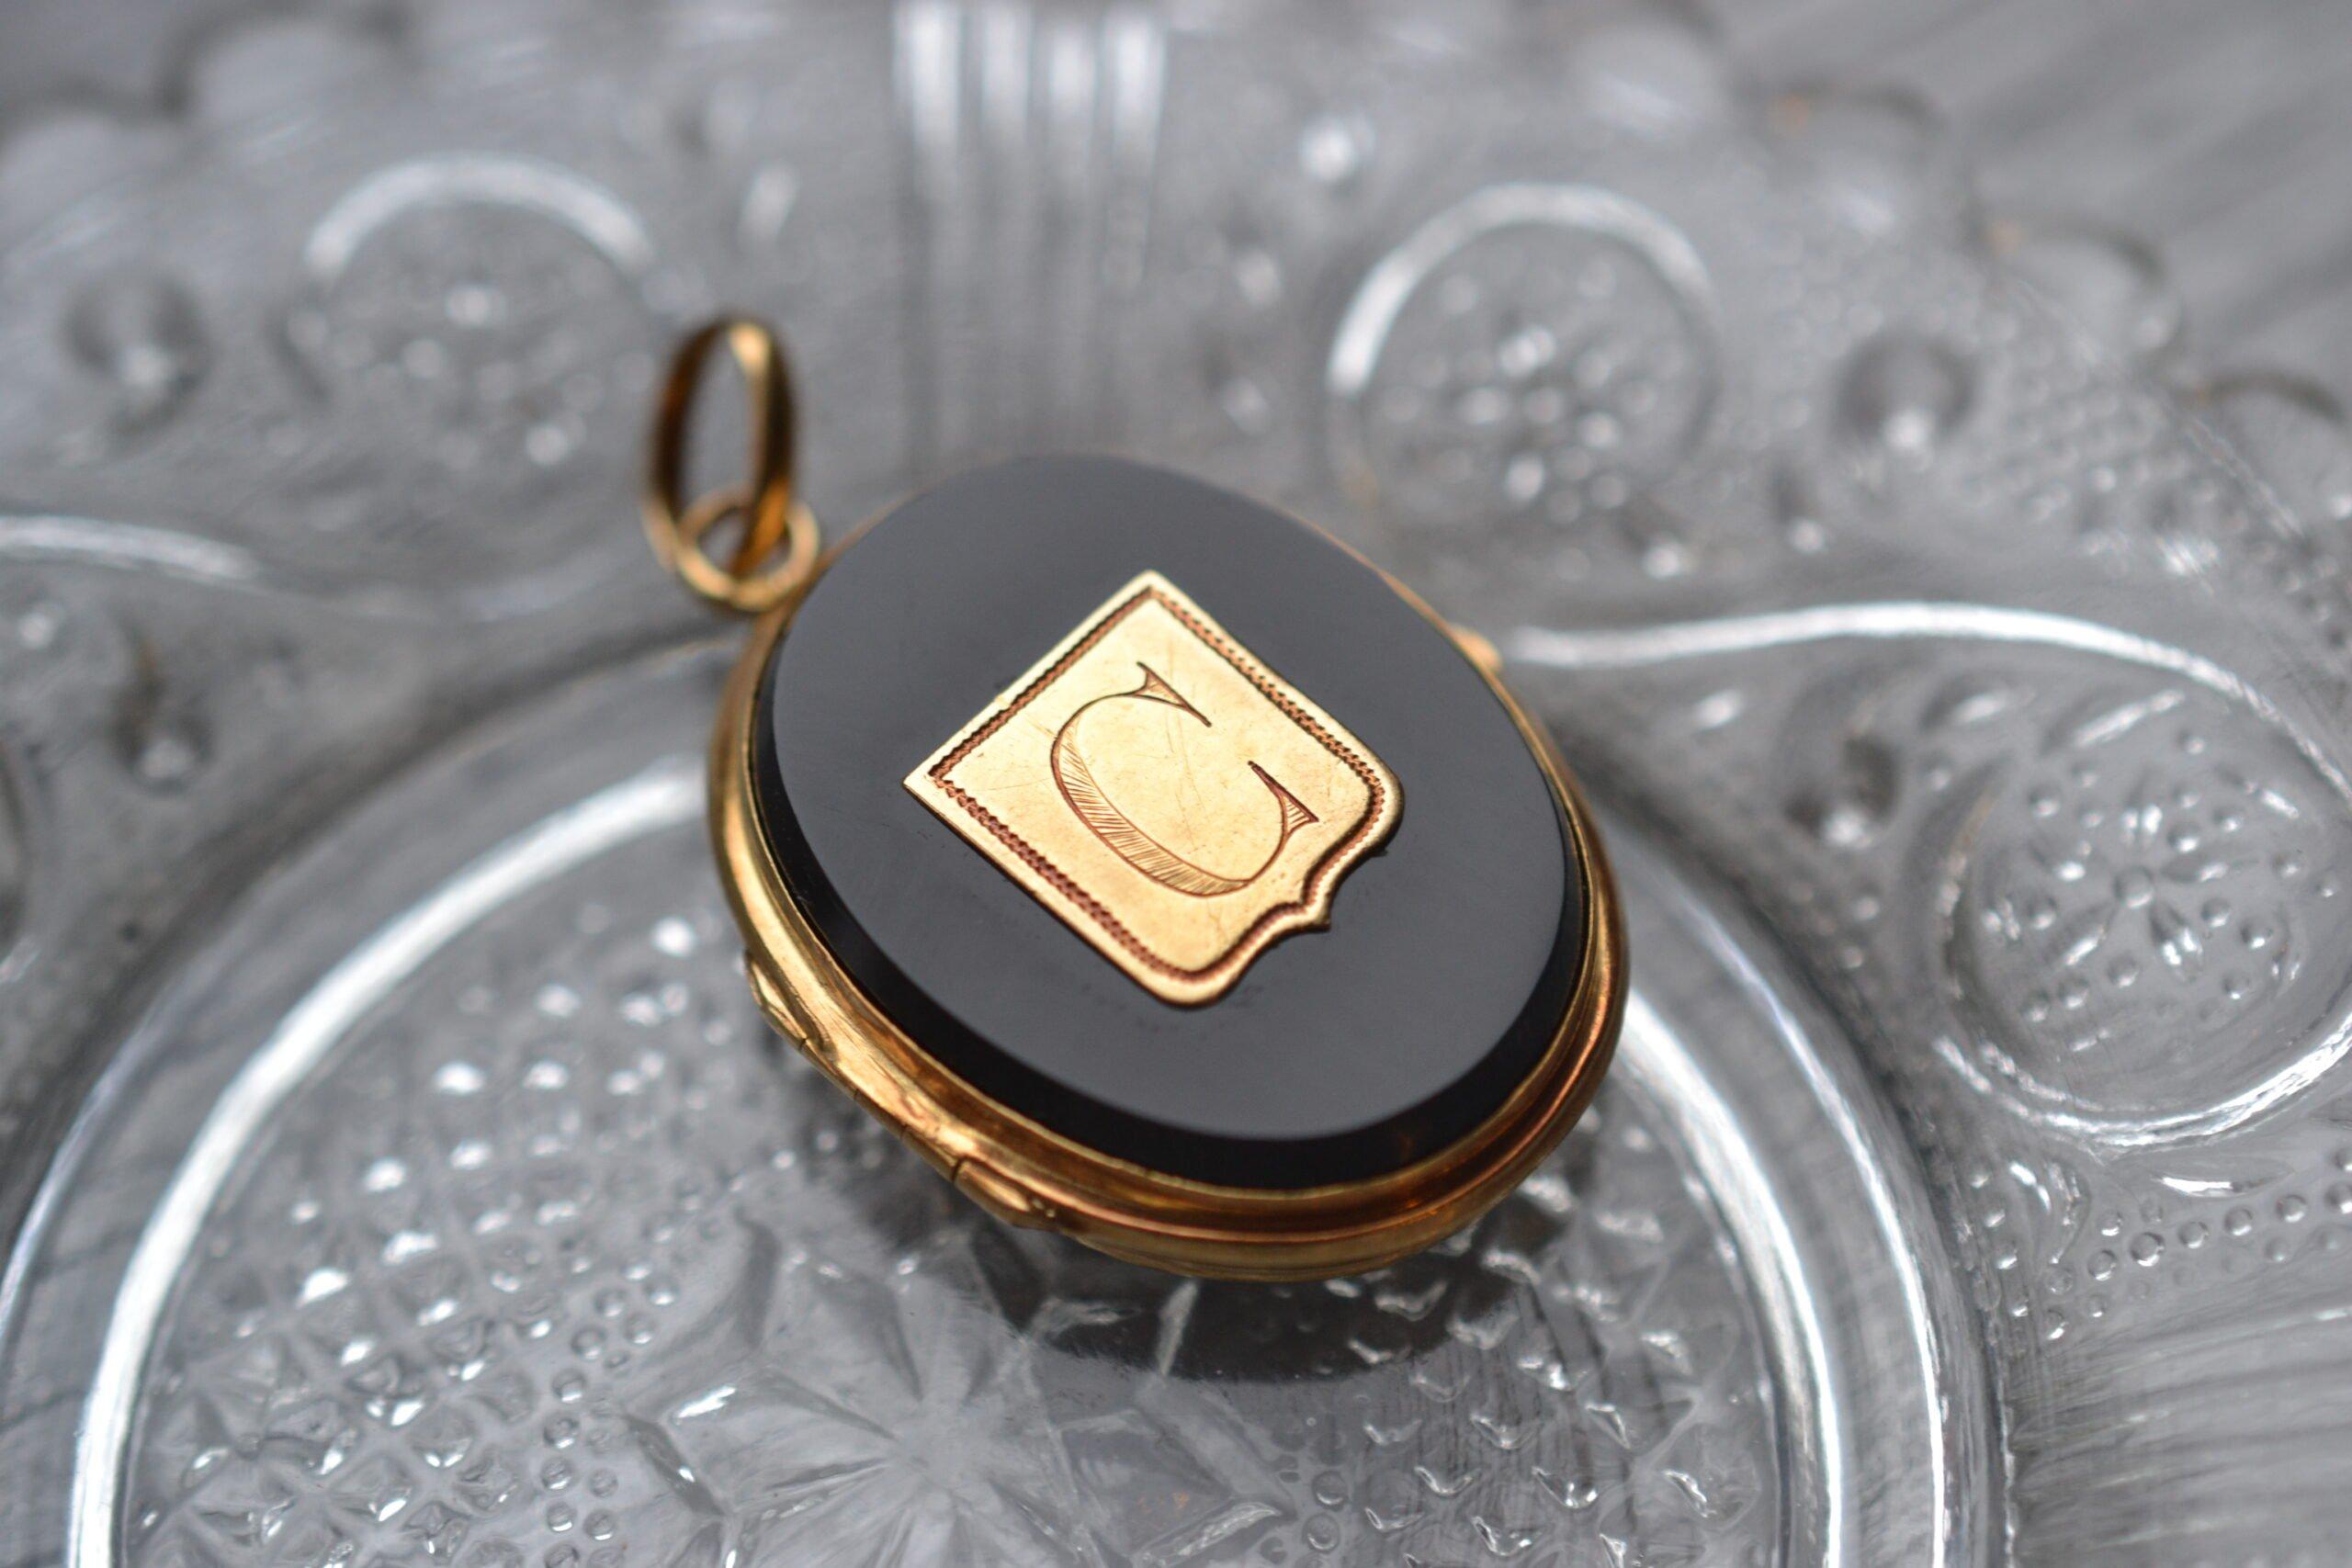 Pendentif porte photo - en onyx et or jaune 18 carats - Bijoux Vintage de seconde main - un bijou noircarat.fr